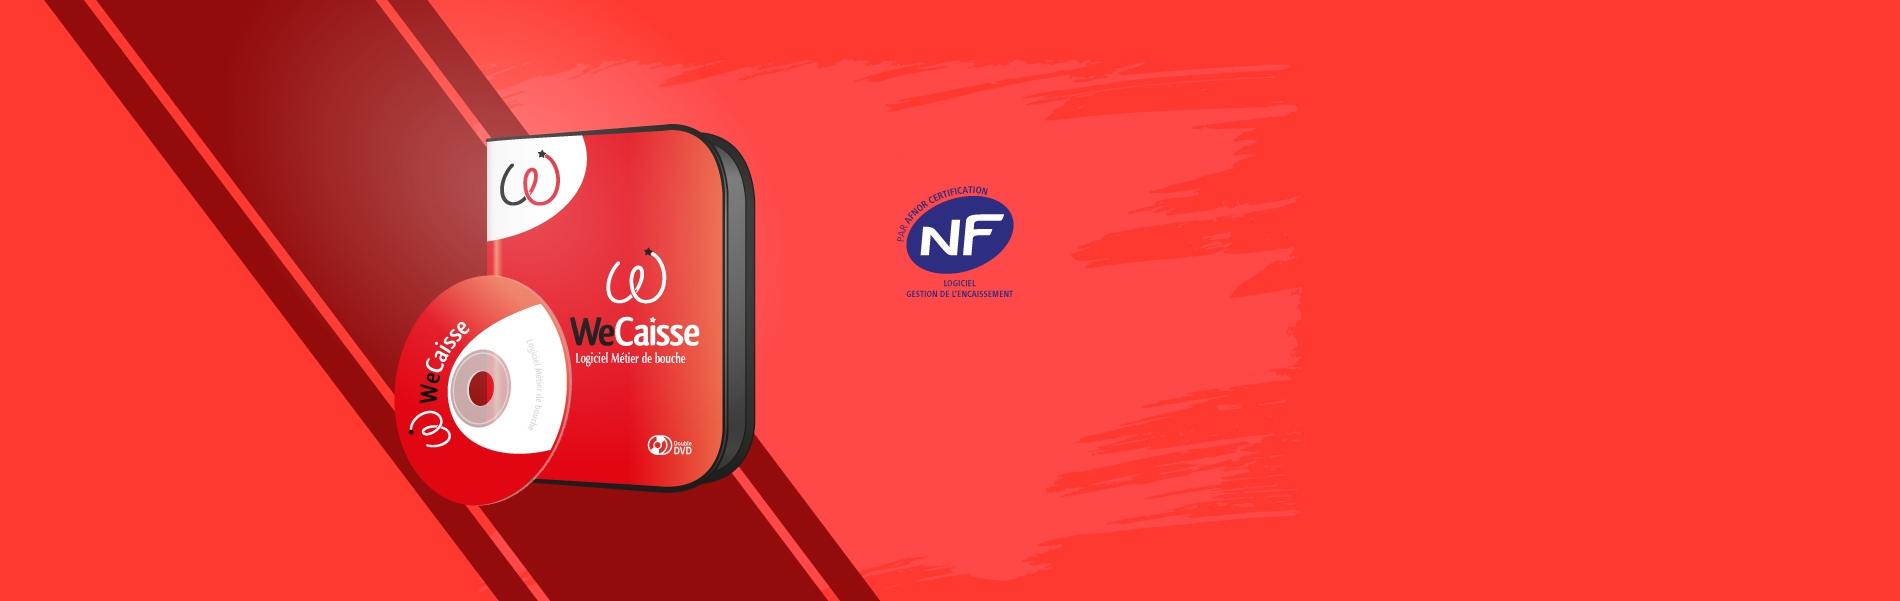 Logiciel de caisse certifié NF525 et NF203 Wecaisse